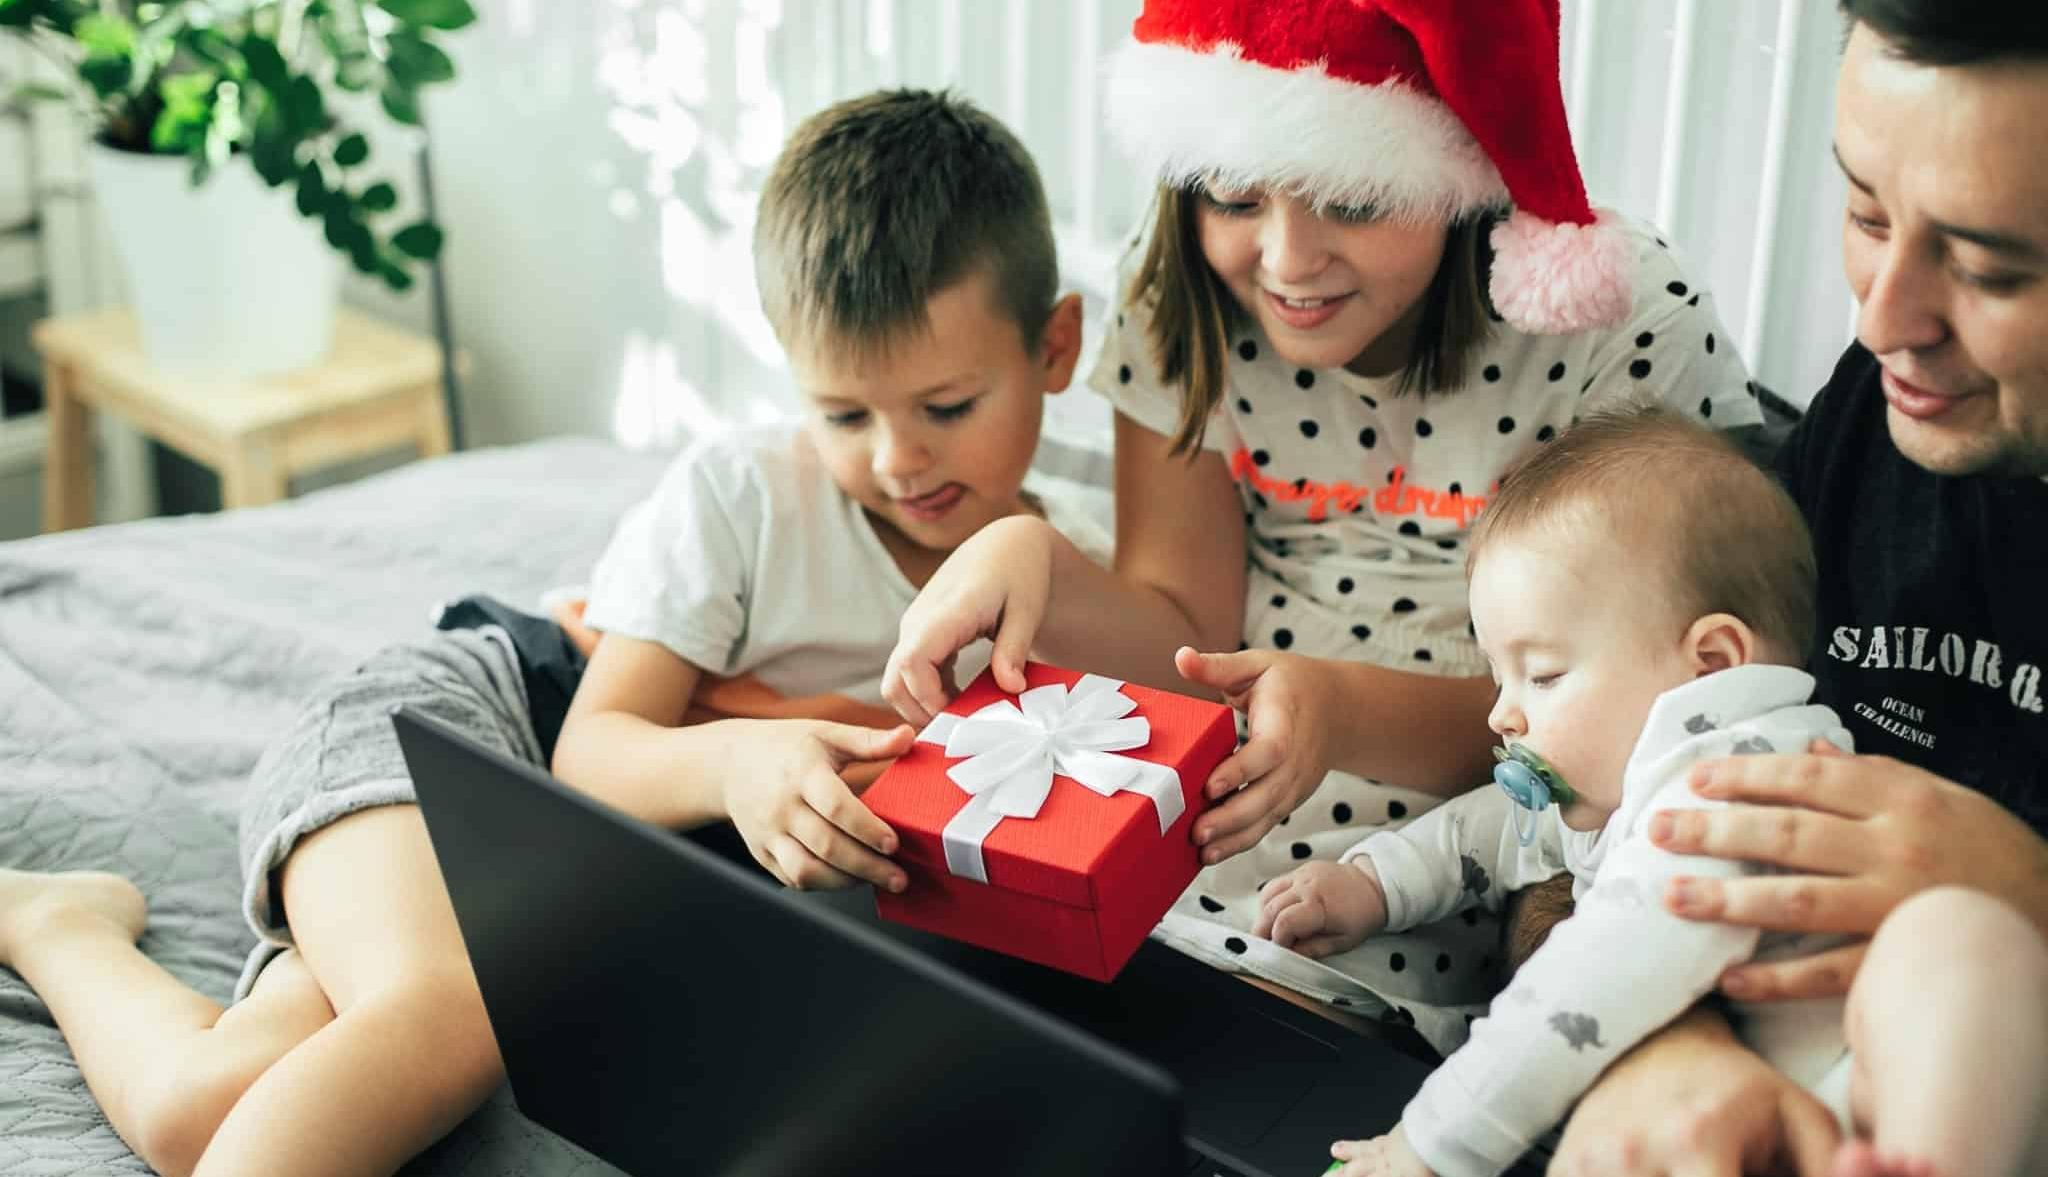 familia em frente a um computador com uma prenda de natal